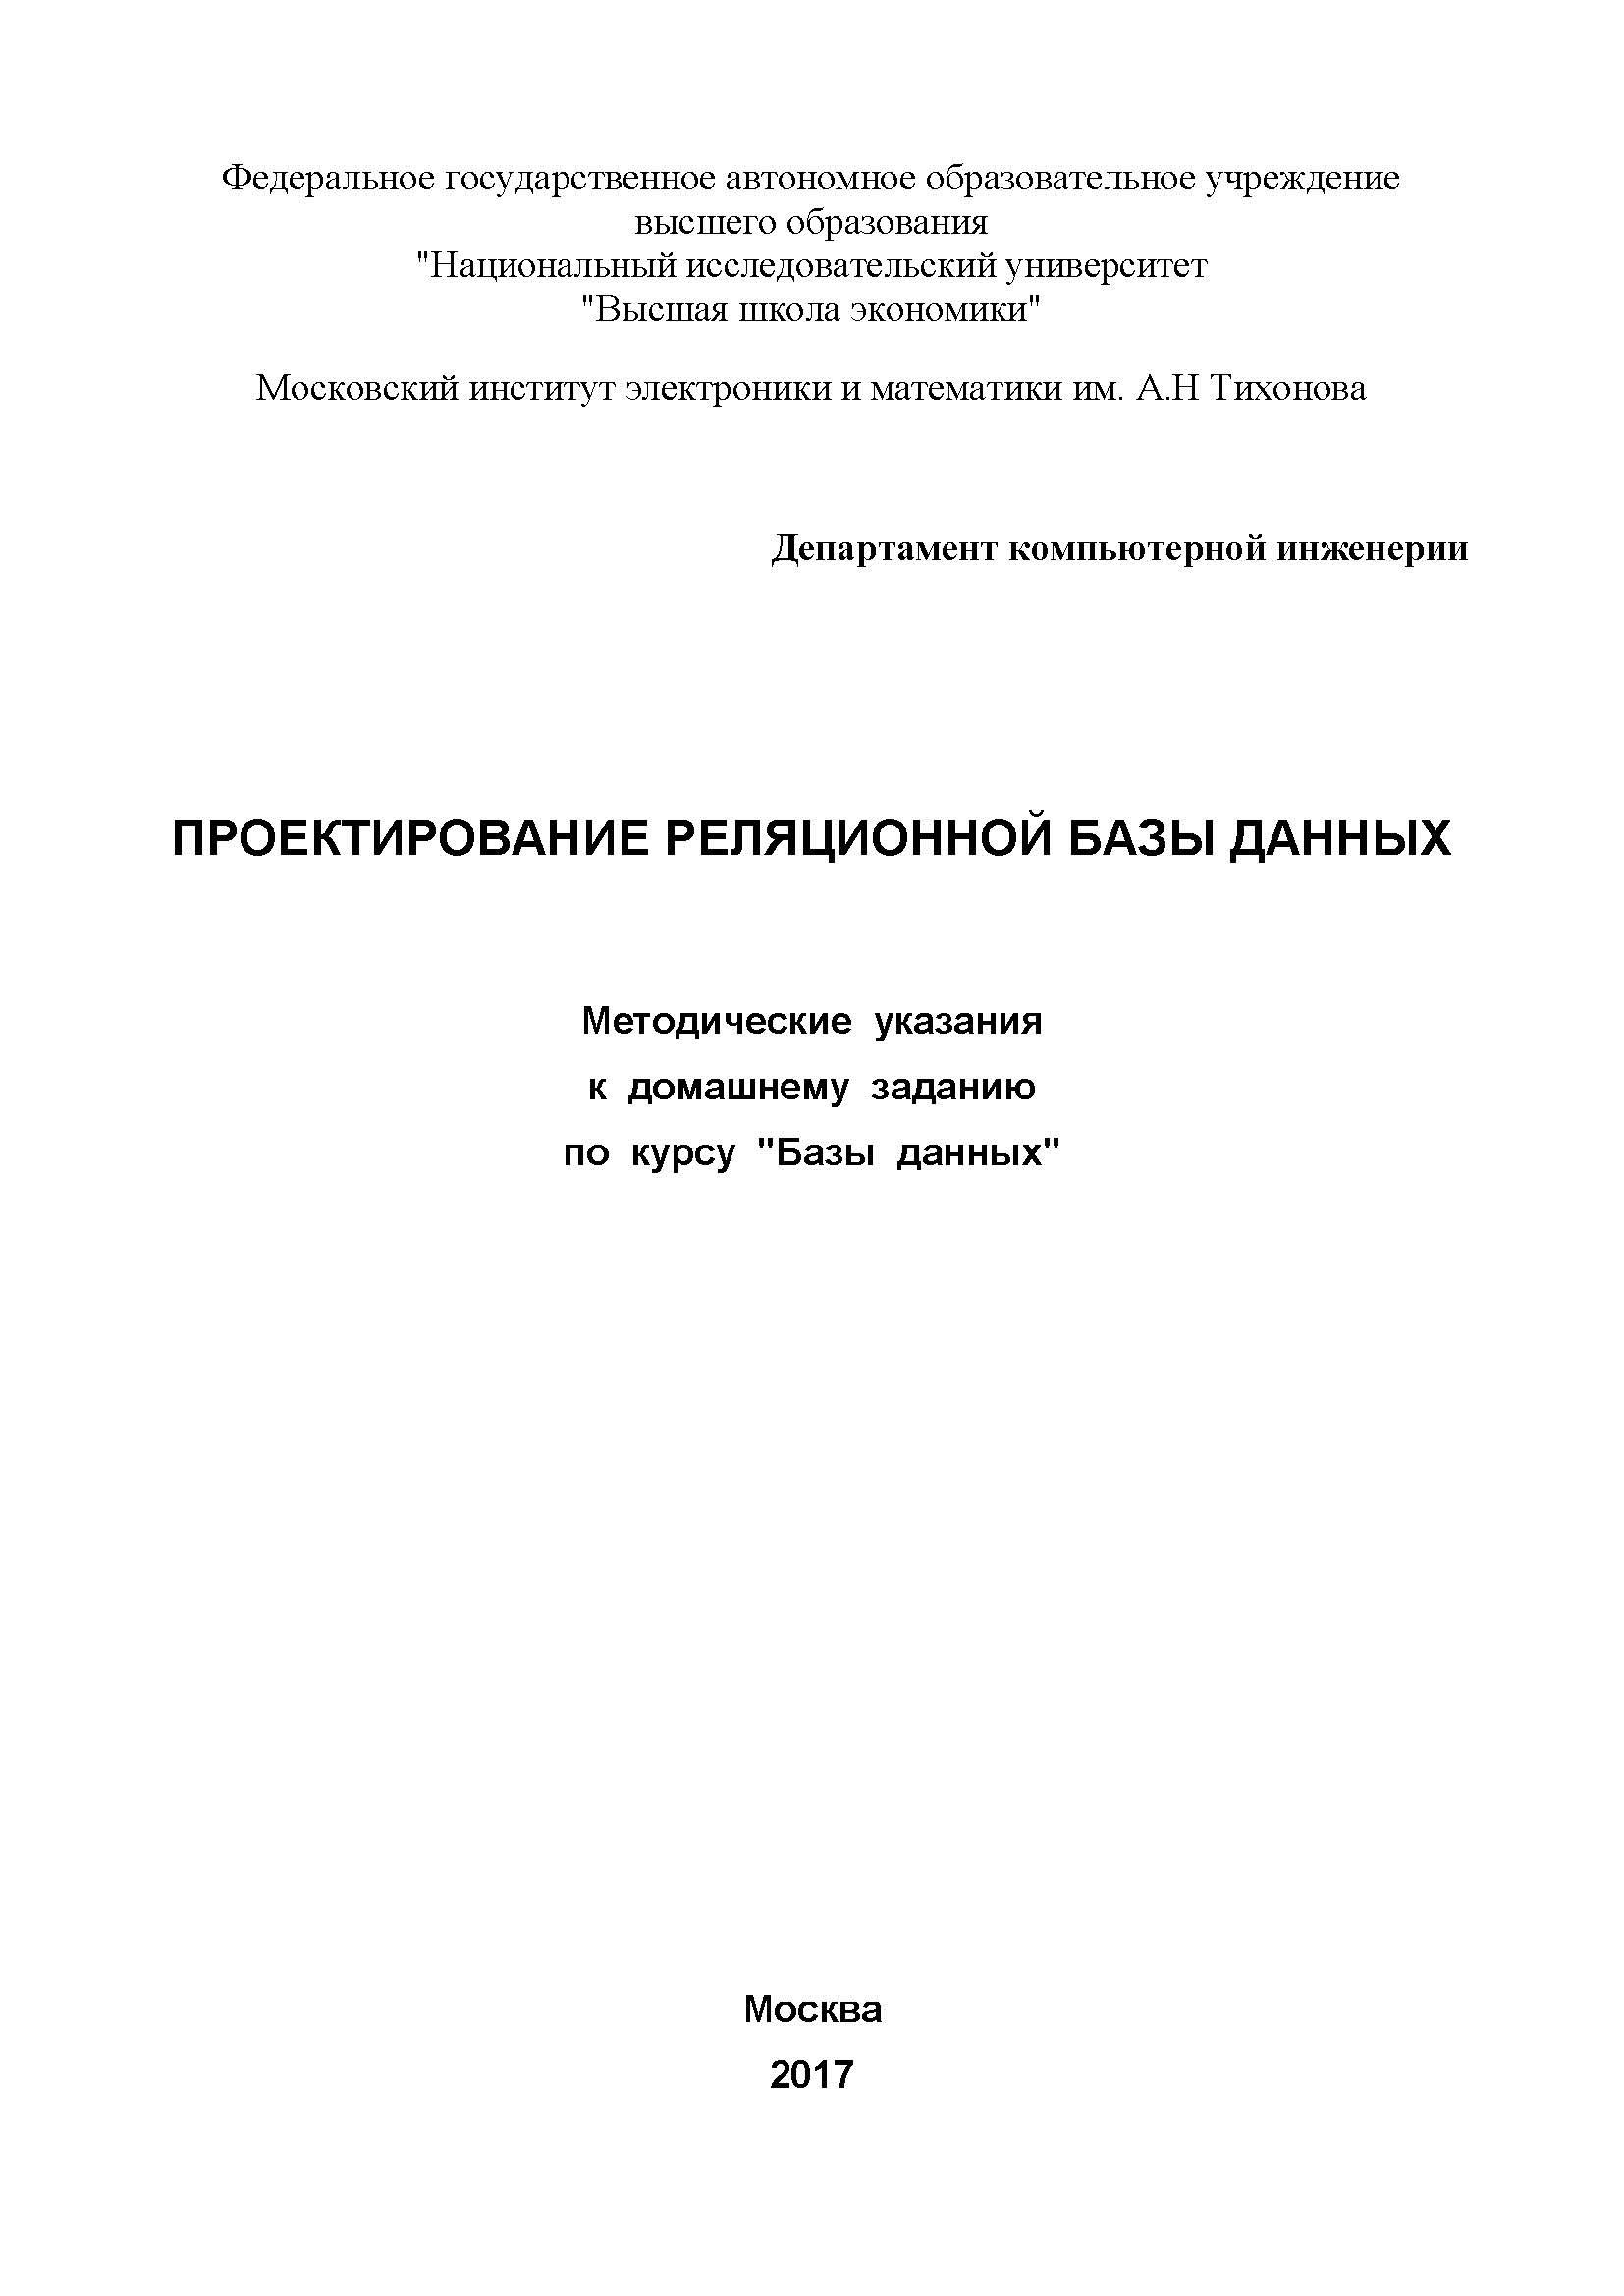 """Проектирование реляционной базы данных: Методические указания к домашнему заданию по курсу """"Базы данных"""""""